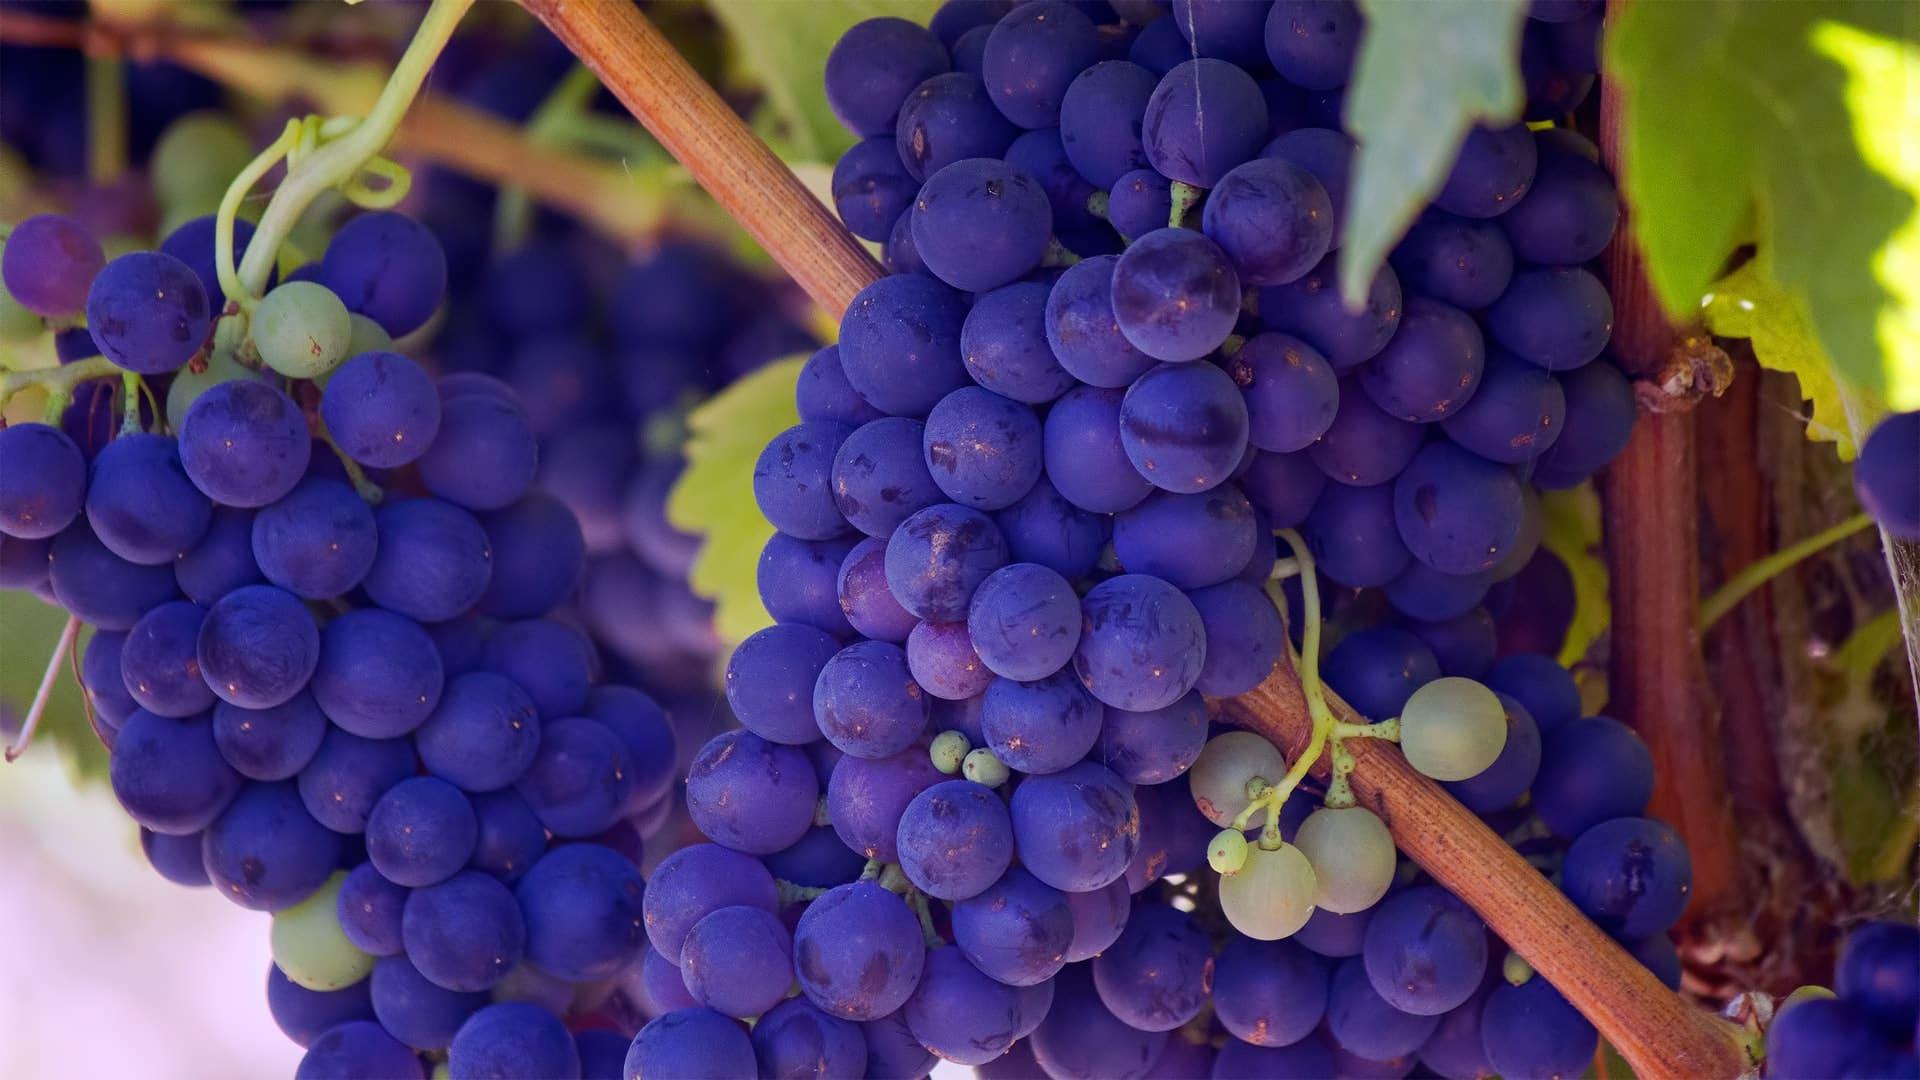 grape-uva-unsplash